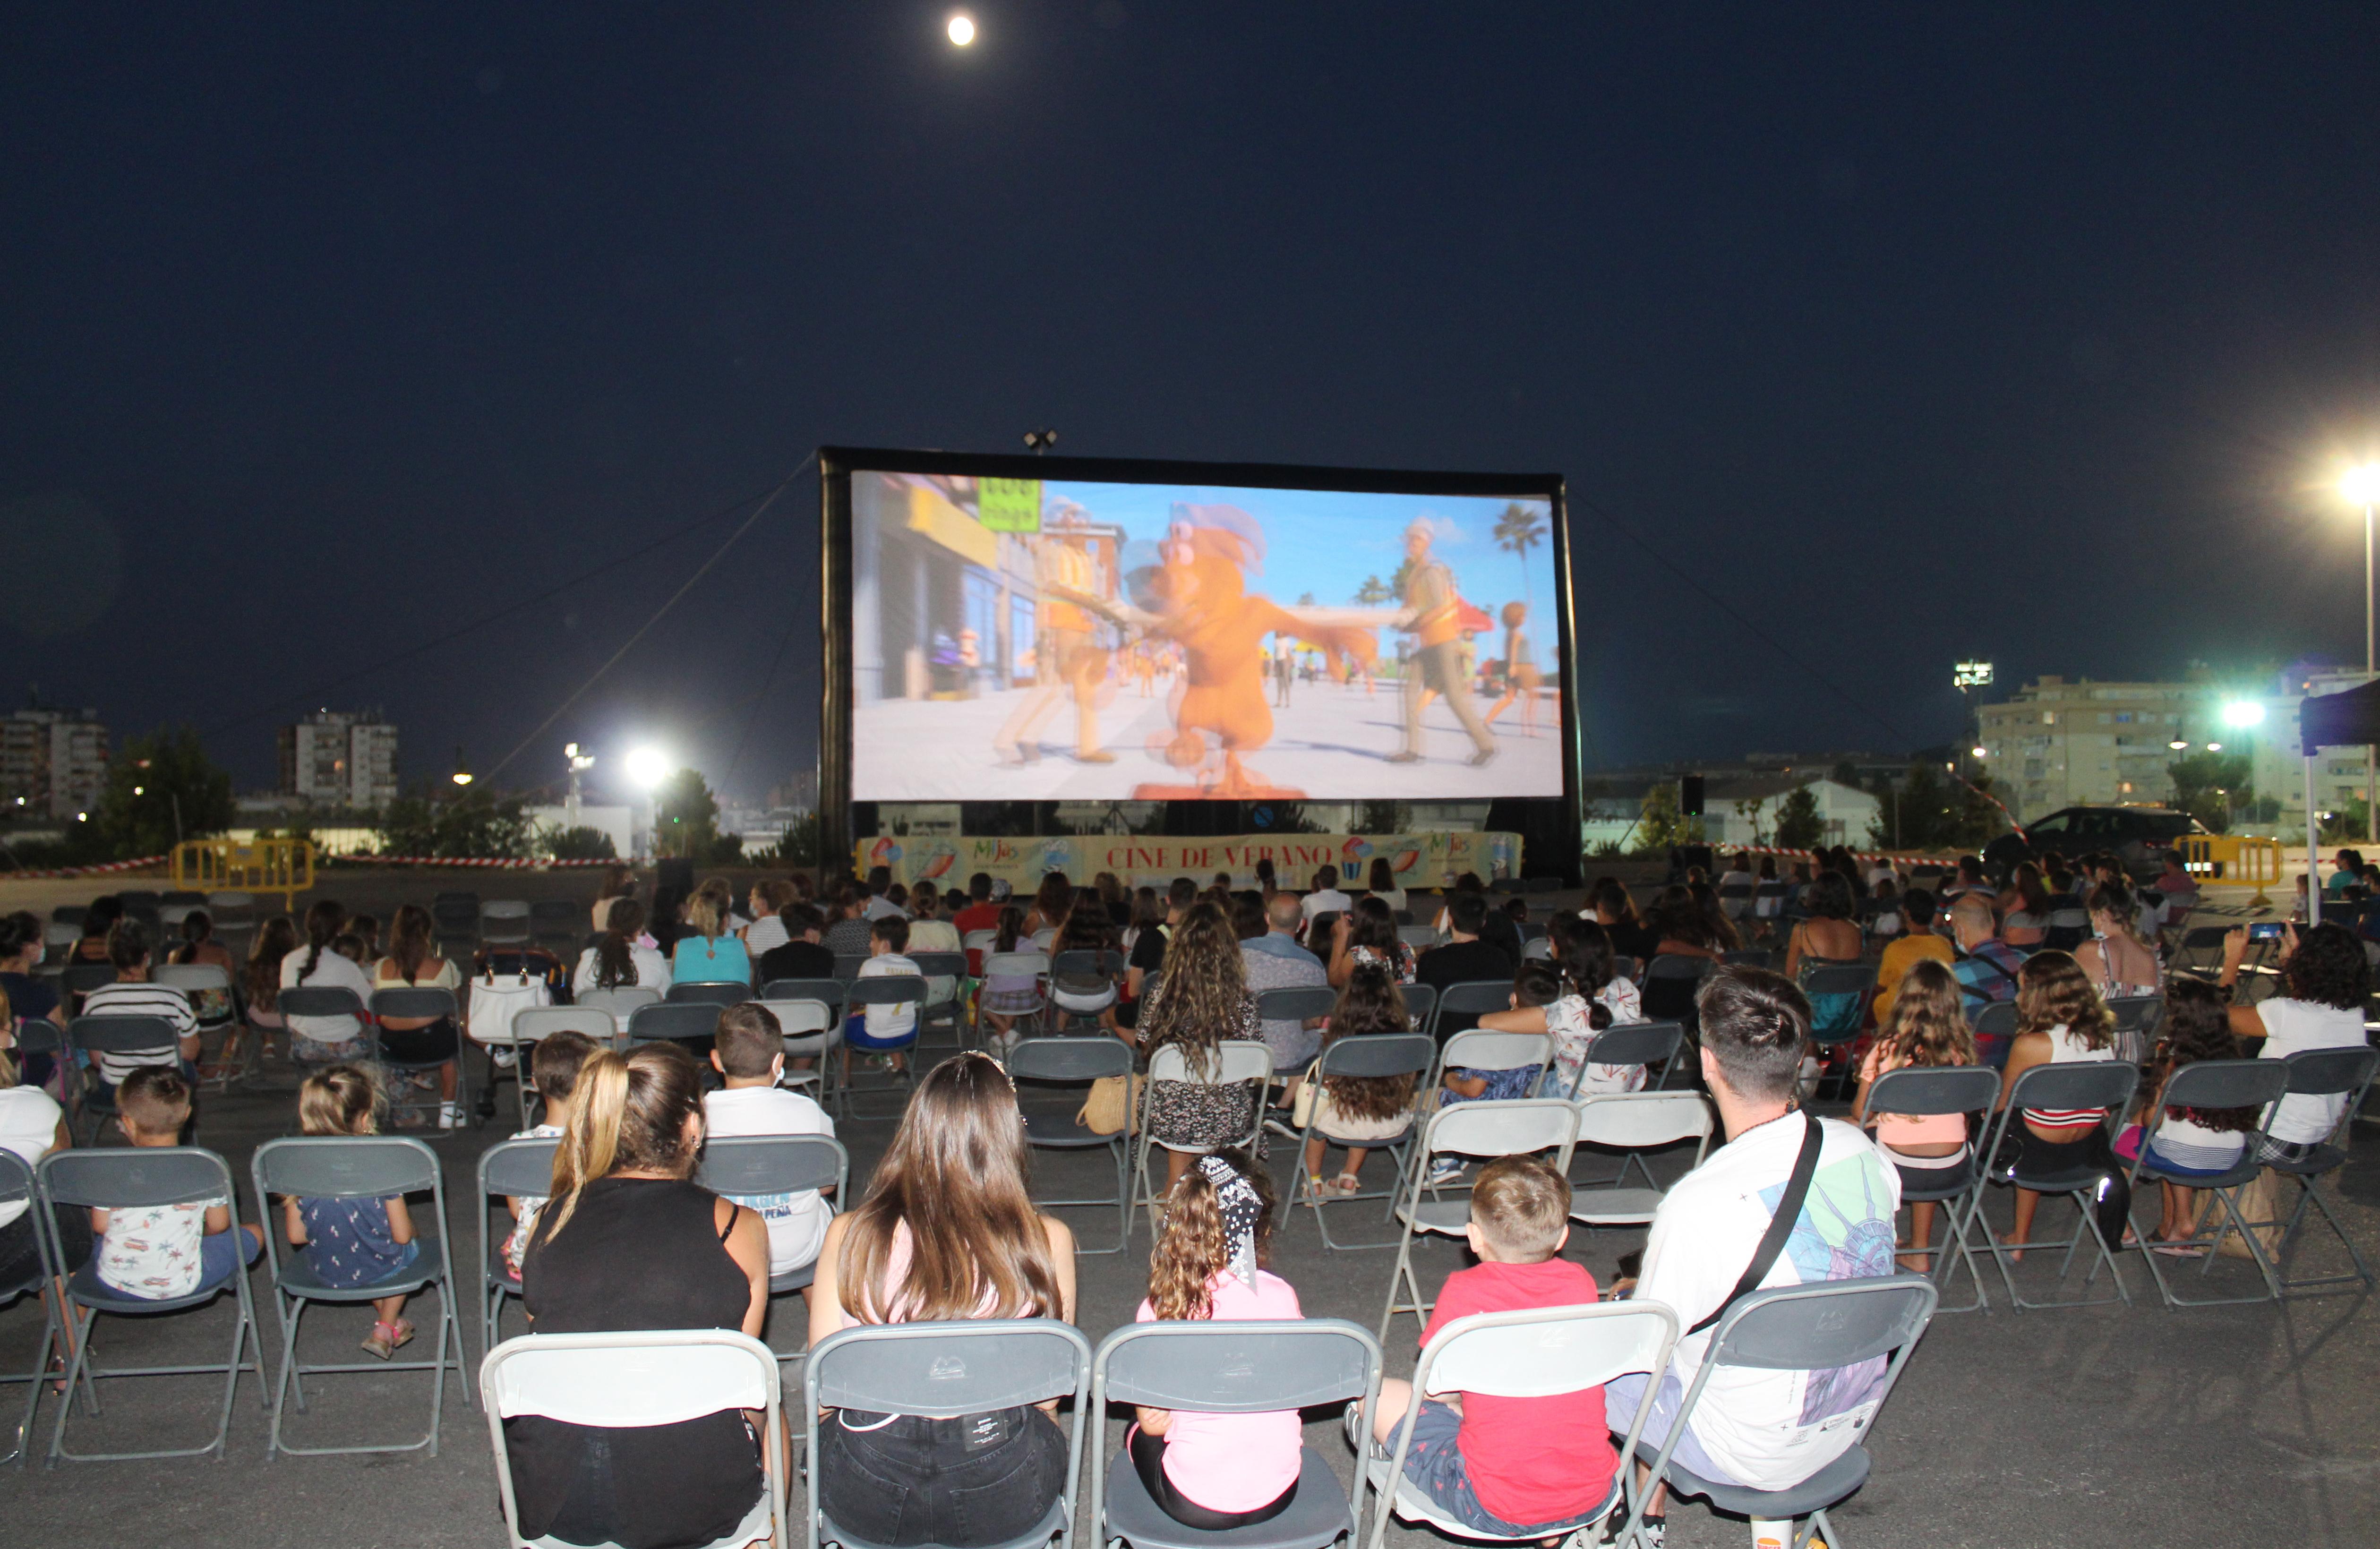 El famoso perro Scooby Doo se cuela en la gran pantalla del recinto ferial de Las Lagunas